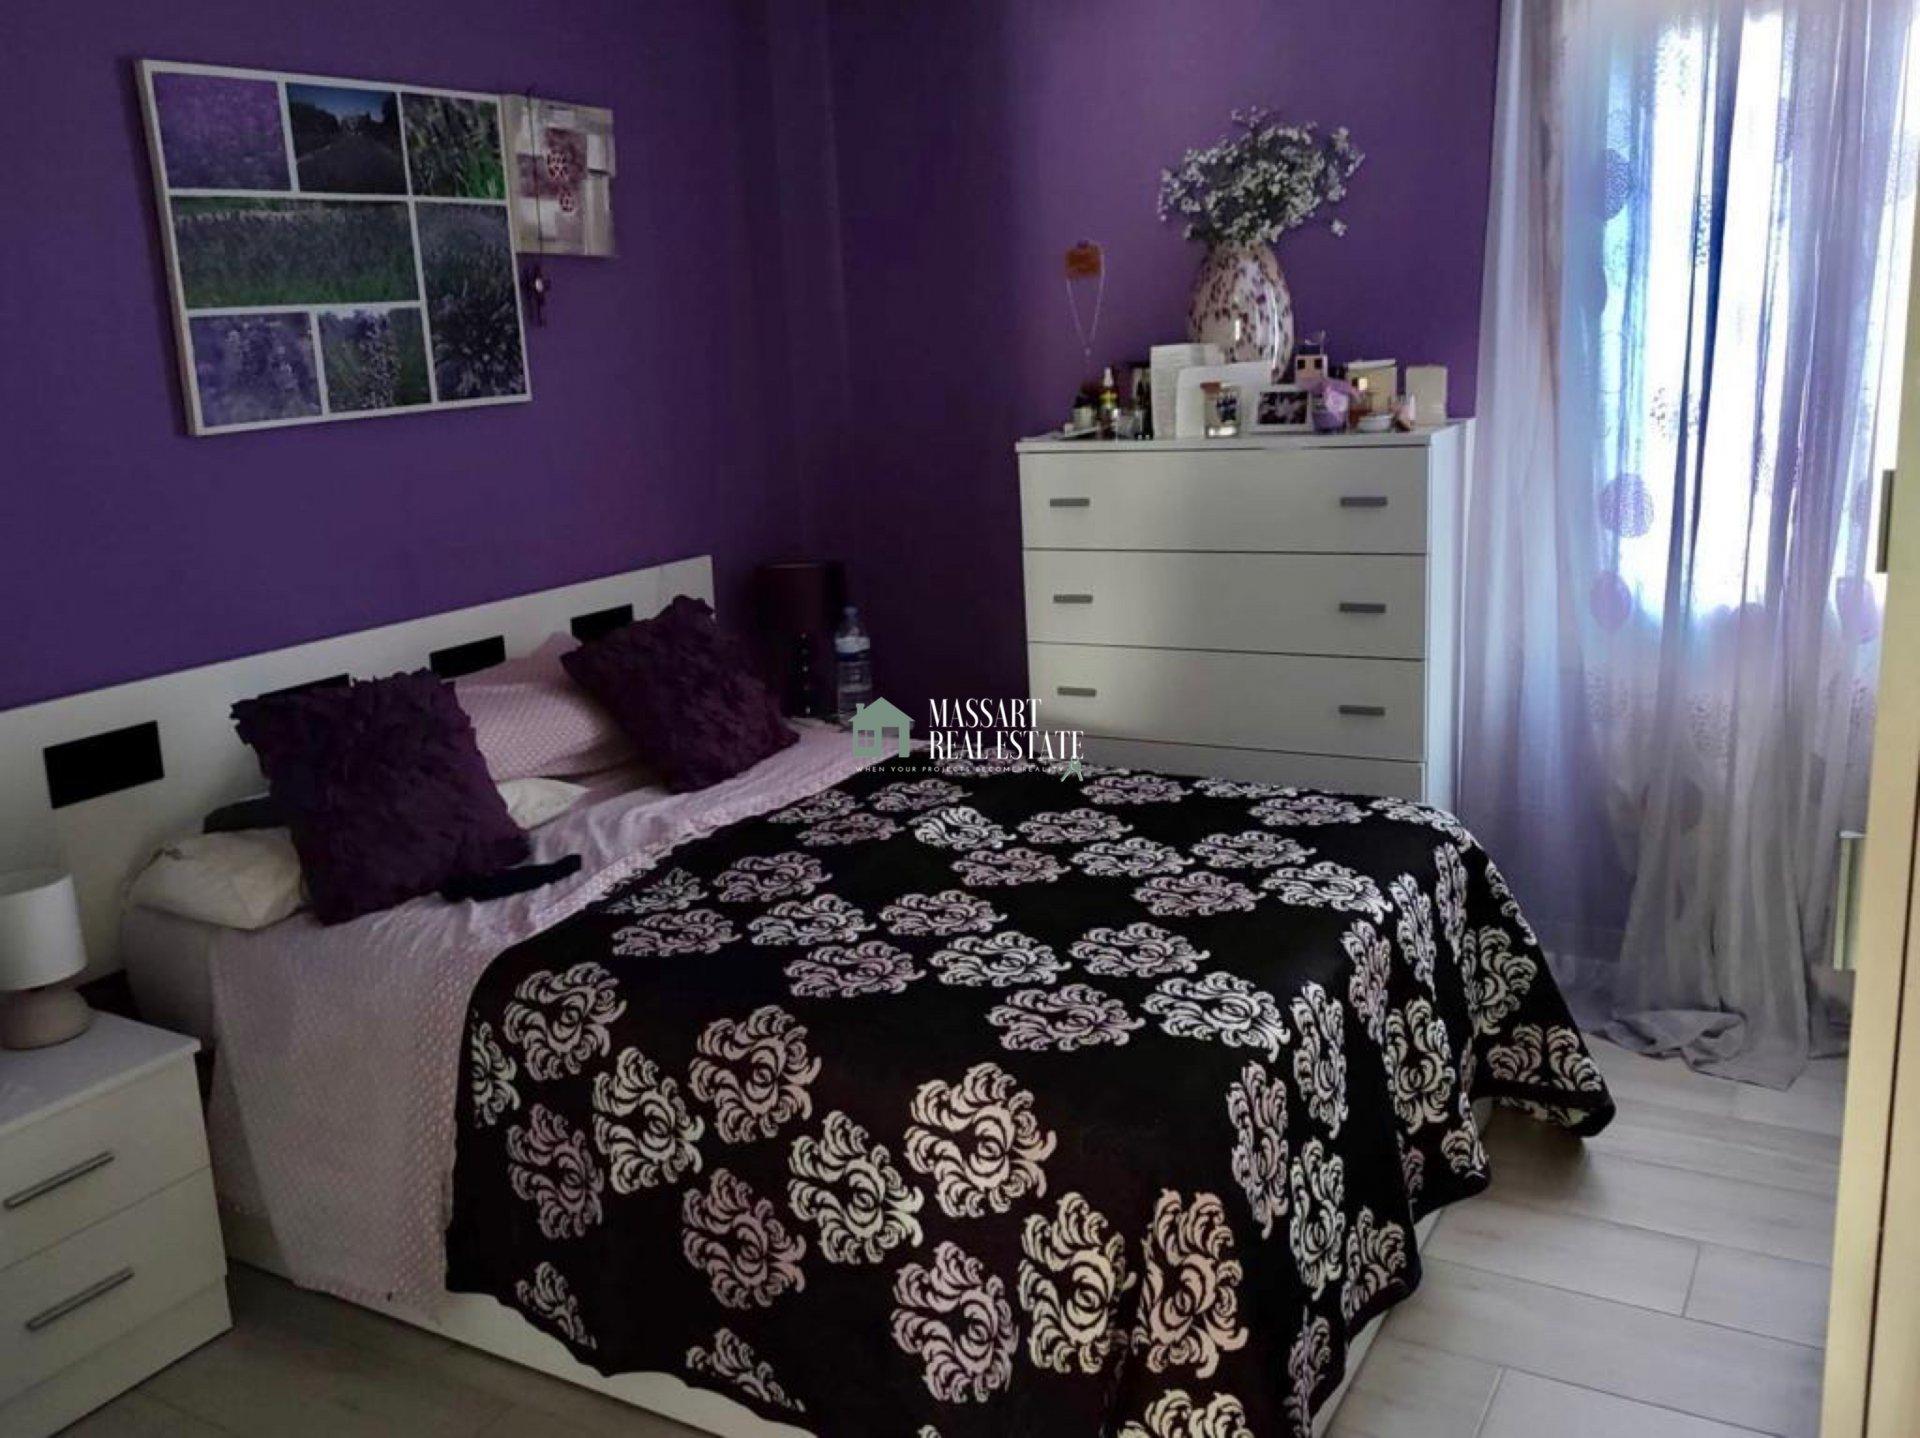 Apartamento amueblado de 76 m2 ubicado en una céntrica zona de Adeje…ideal para disfrutar de una vida en pareja o en familia.